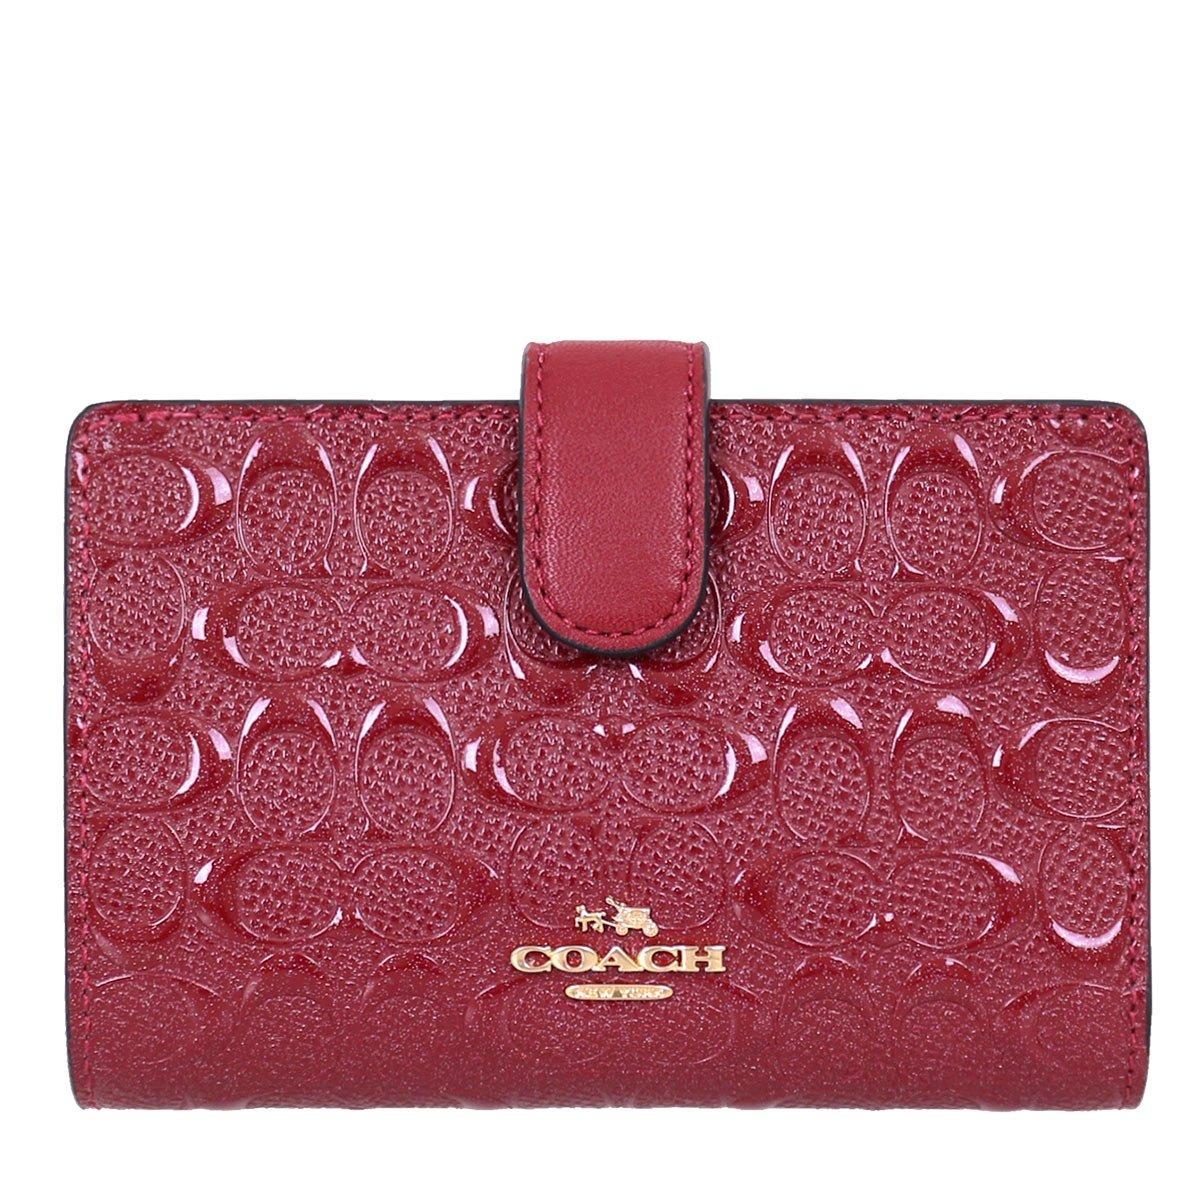 [コーチ] COACH 財布 (二つ折り財布) F25937 パテント レザー 二つ折り財布 レディース [アウトレット品] [並行輸入品] B07B1X6L7D ダークレッド ダークレッド